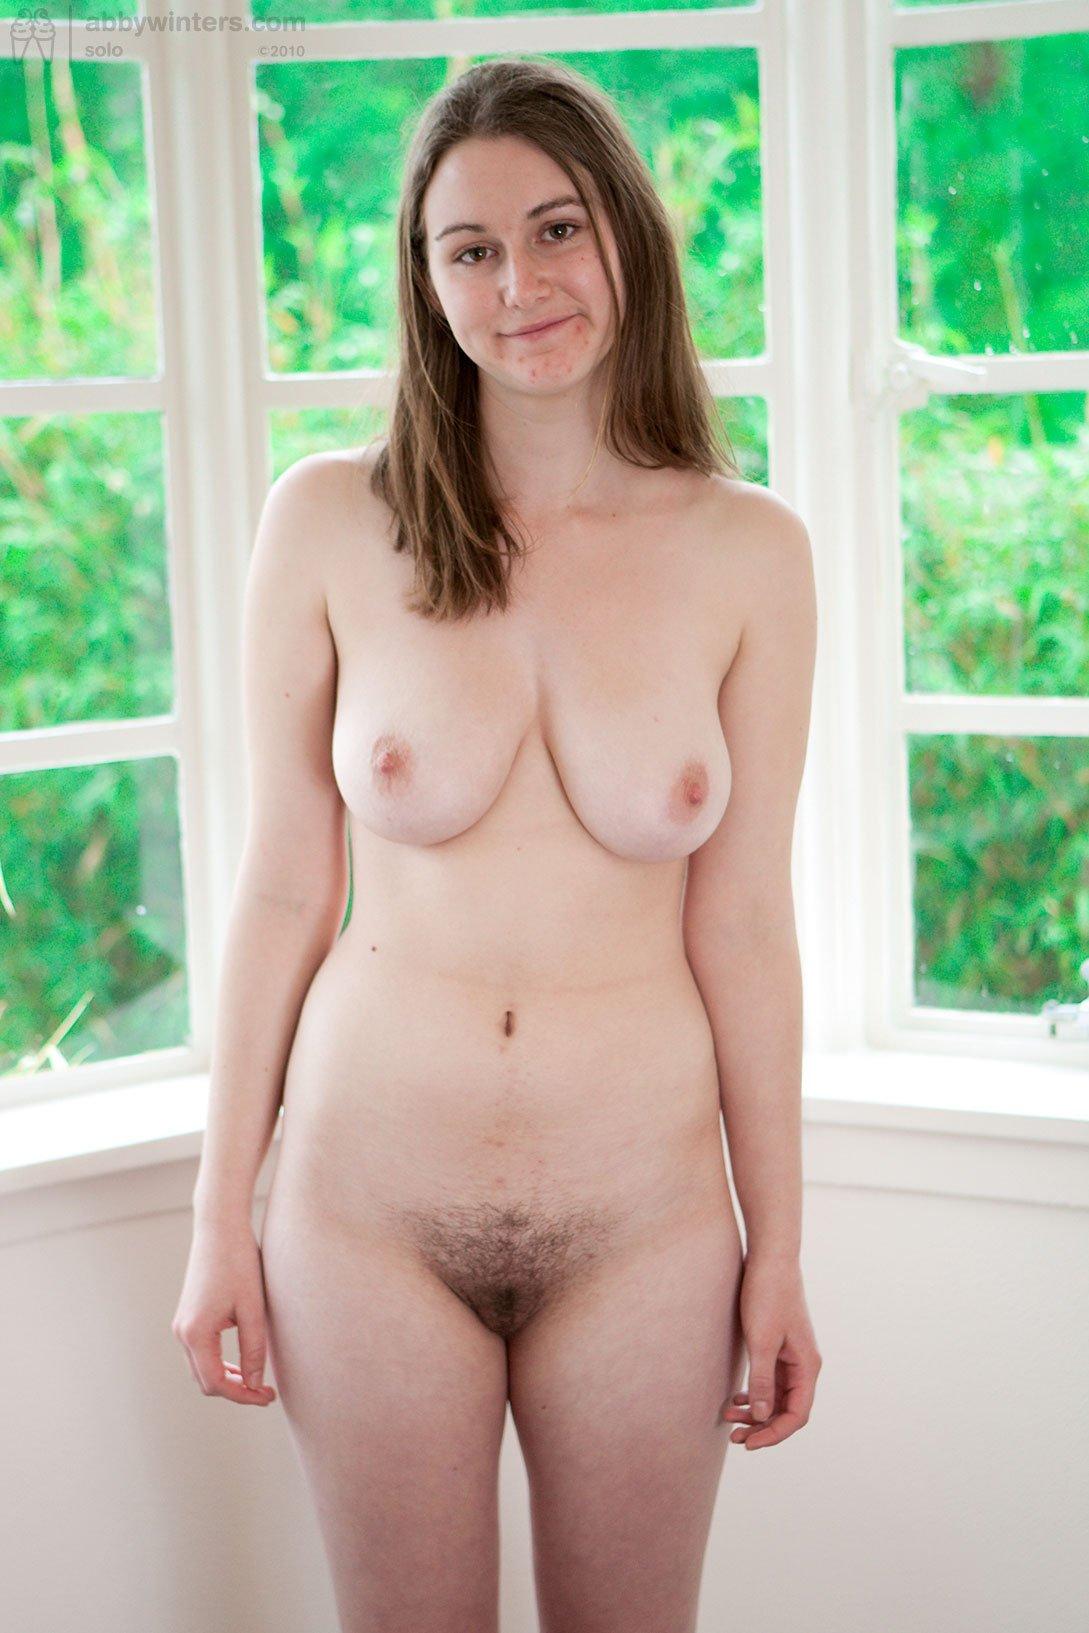 hairy chubby girls nude